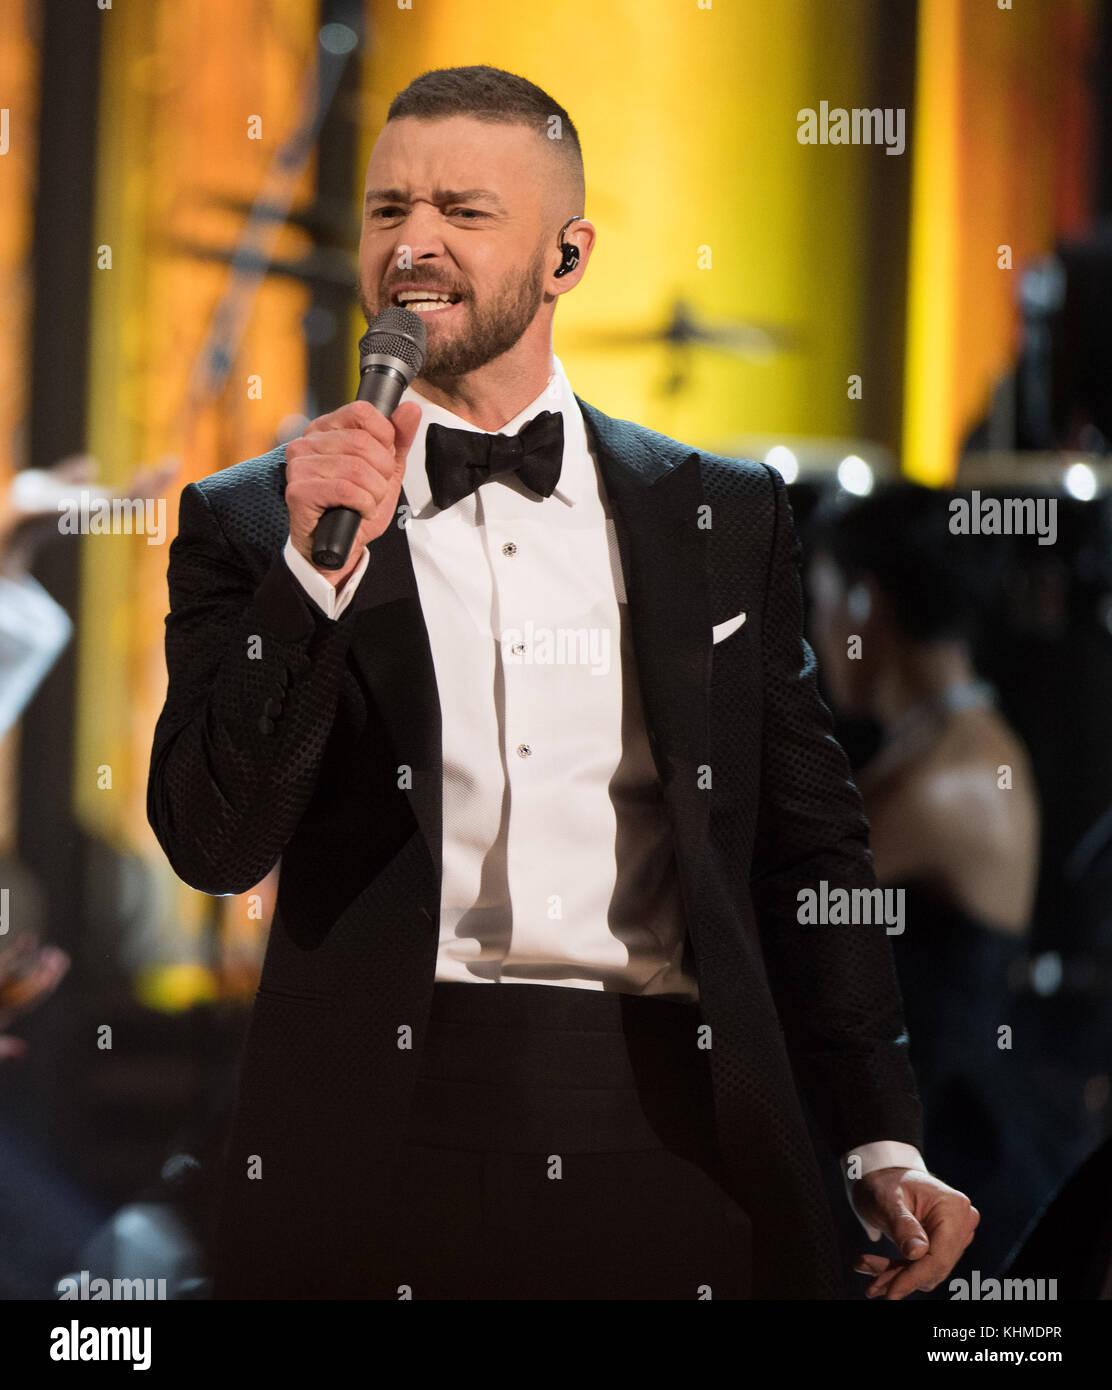 Hollywood, CA - 26 de fevereiro: justin timberlake participa do 89º Annual Academy Awards no Hollywood & Highland Foto de Stock